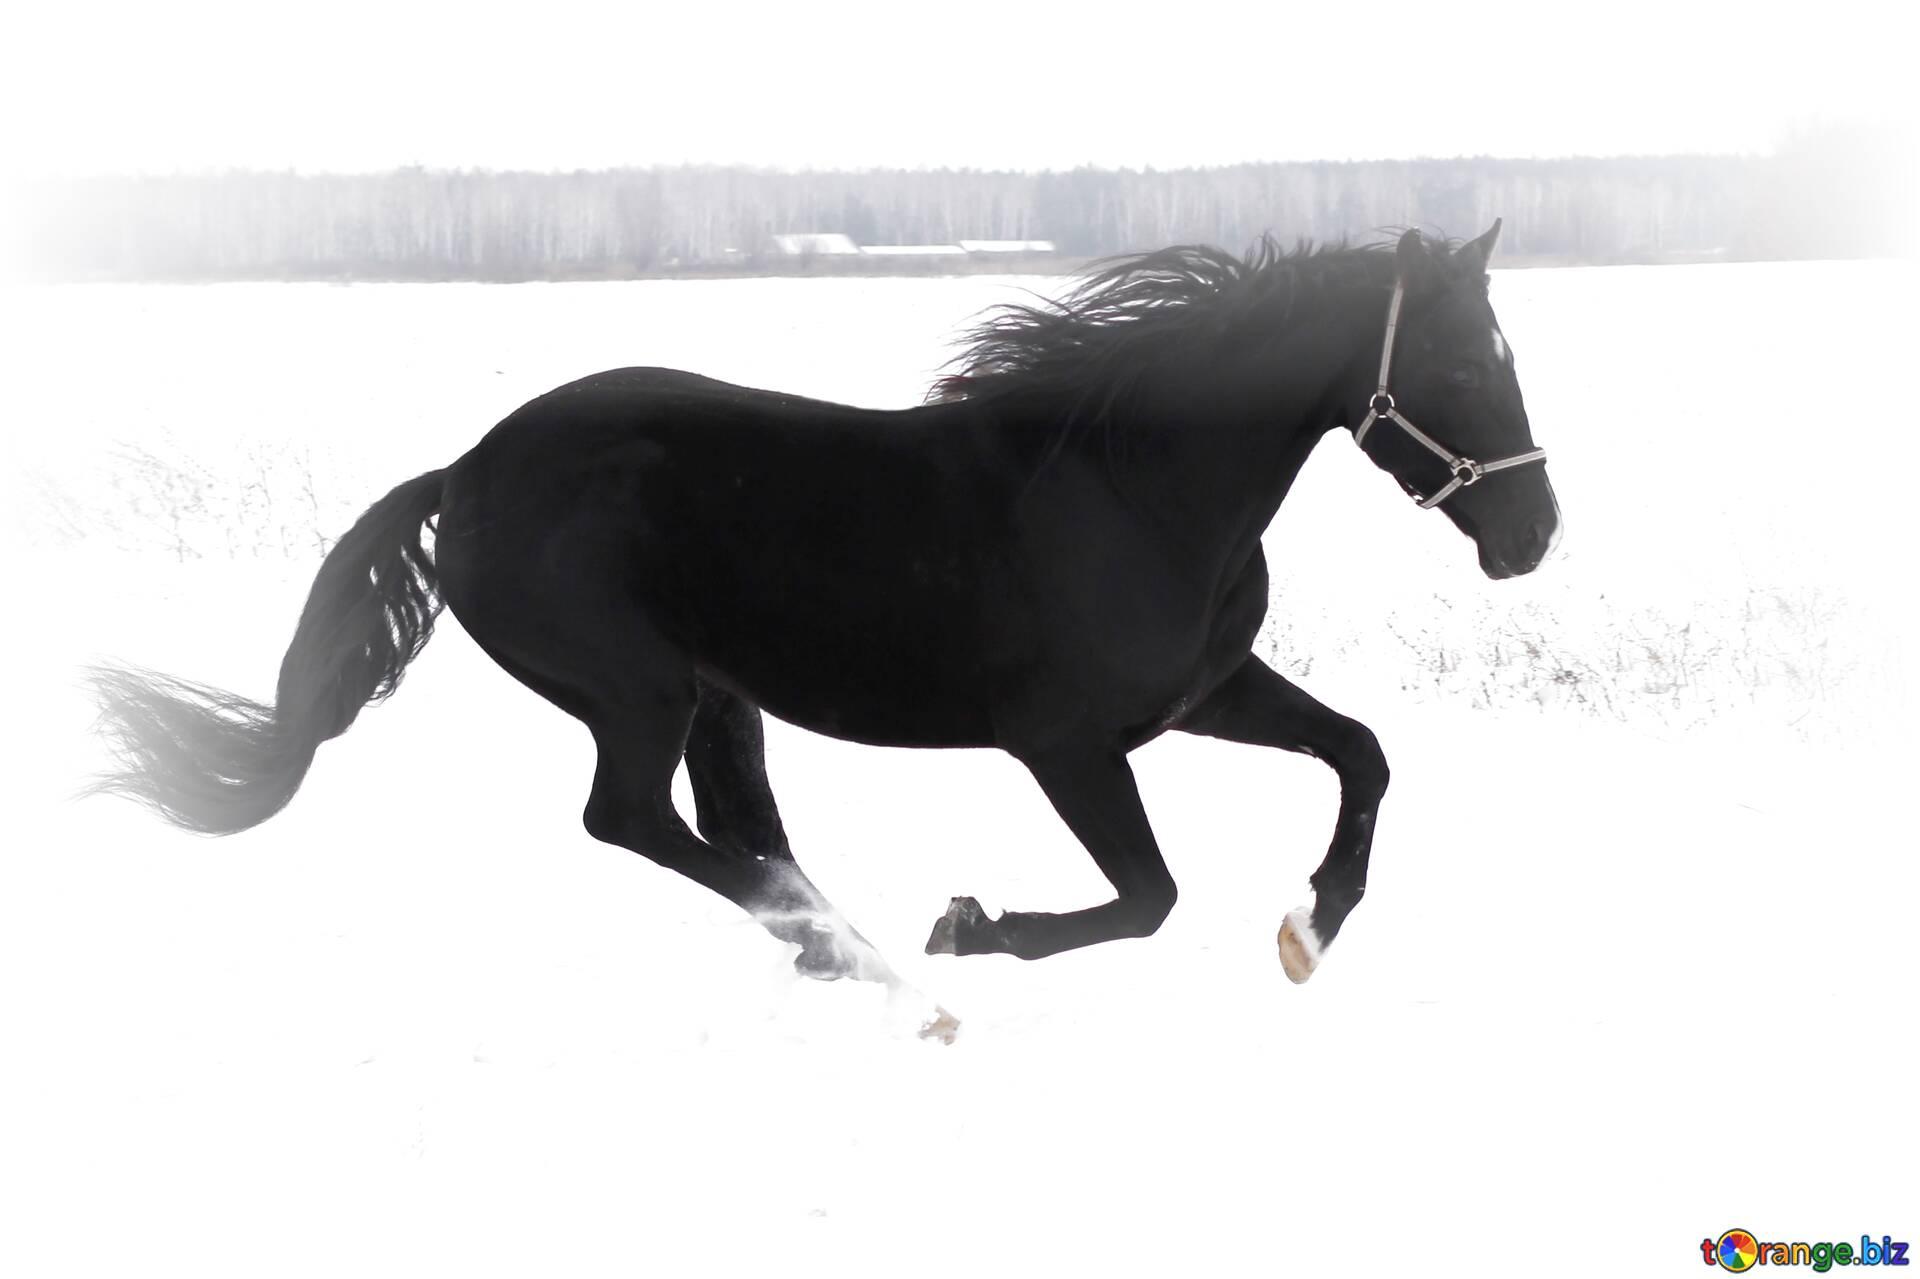 Descargar Foto Gratis Horse Running In The Snow En Cc By Licencia Stock De Imagenes Gratis Torange Biz Fx 65055